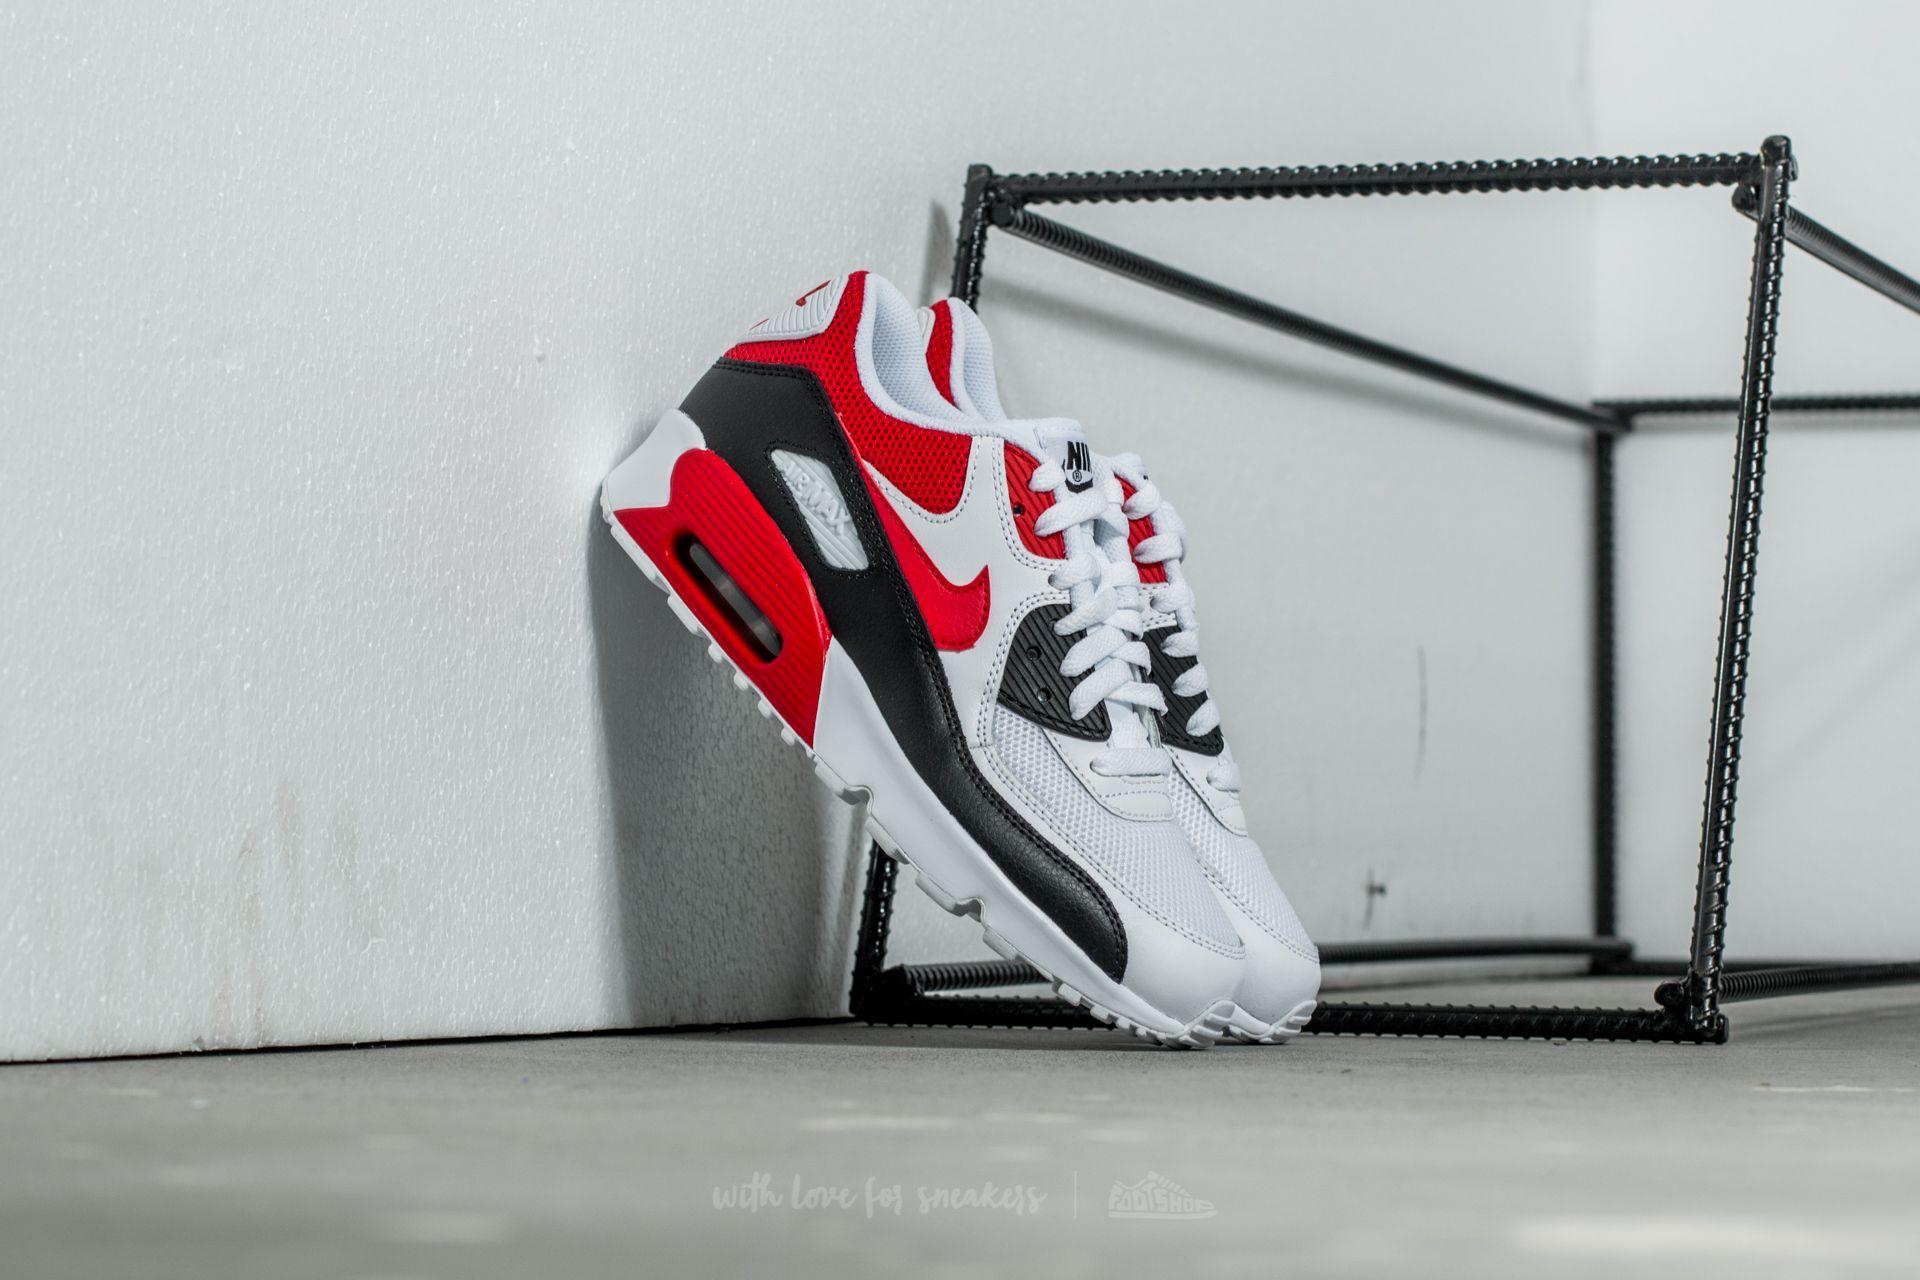 d7c9b28aeb Nike Air Max 90 Mesh (GS) White/ University Red-Black | Footshop